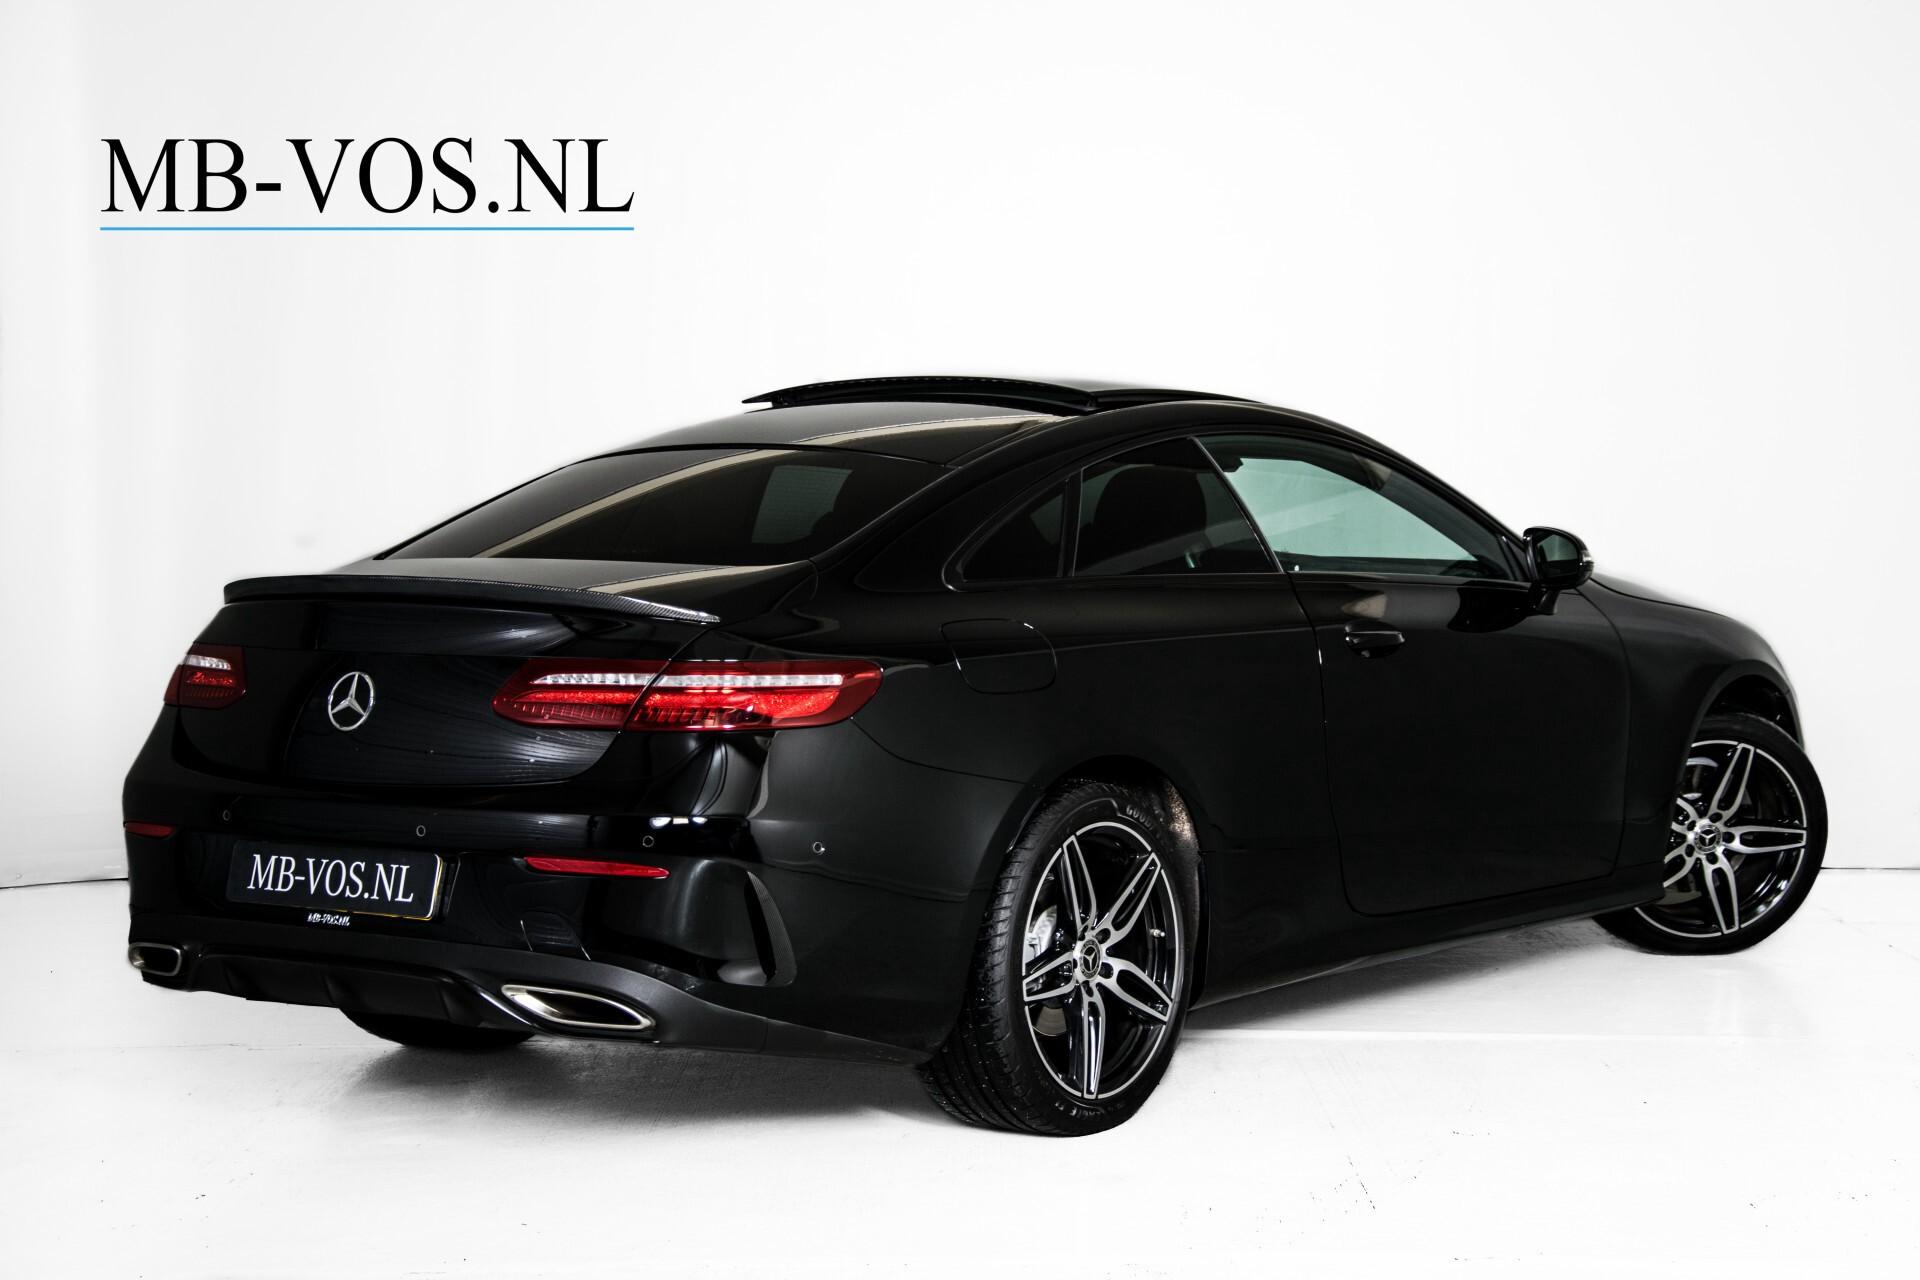 Mercedes-Benz E-Klasse Coupé 200 AMG Panorama/Night/Carbon/Premium/Widescreen/ILS Aut9 Foto 2